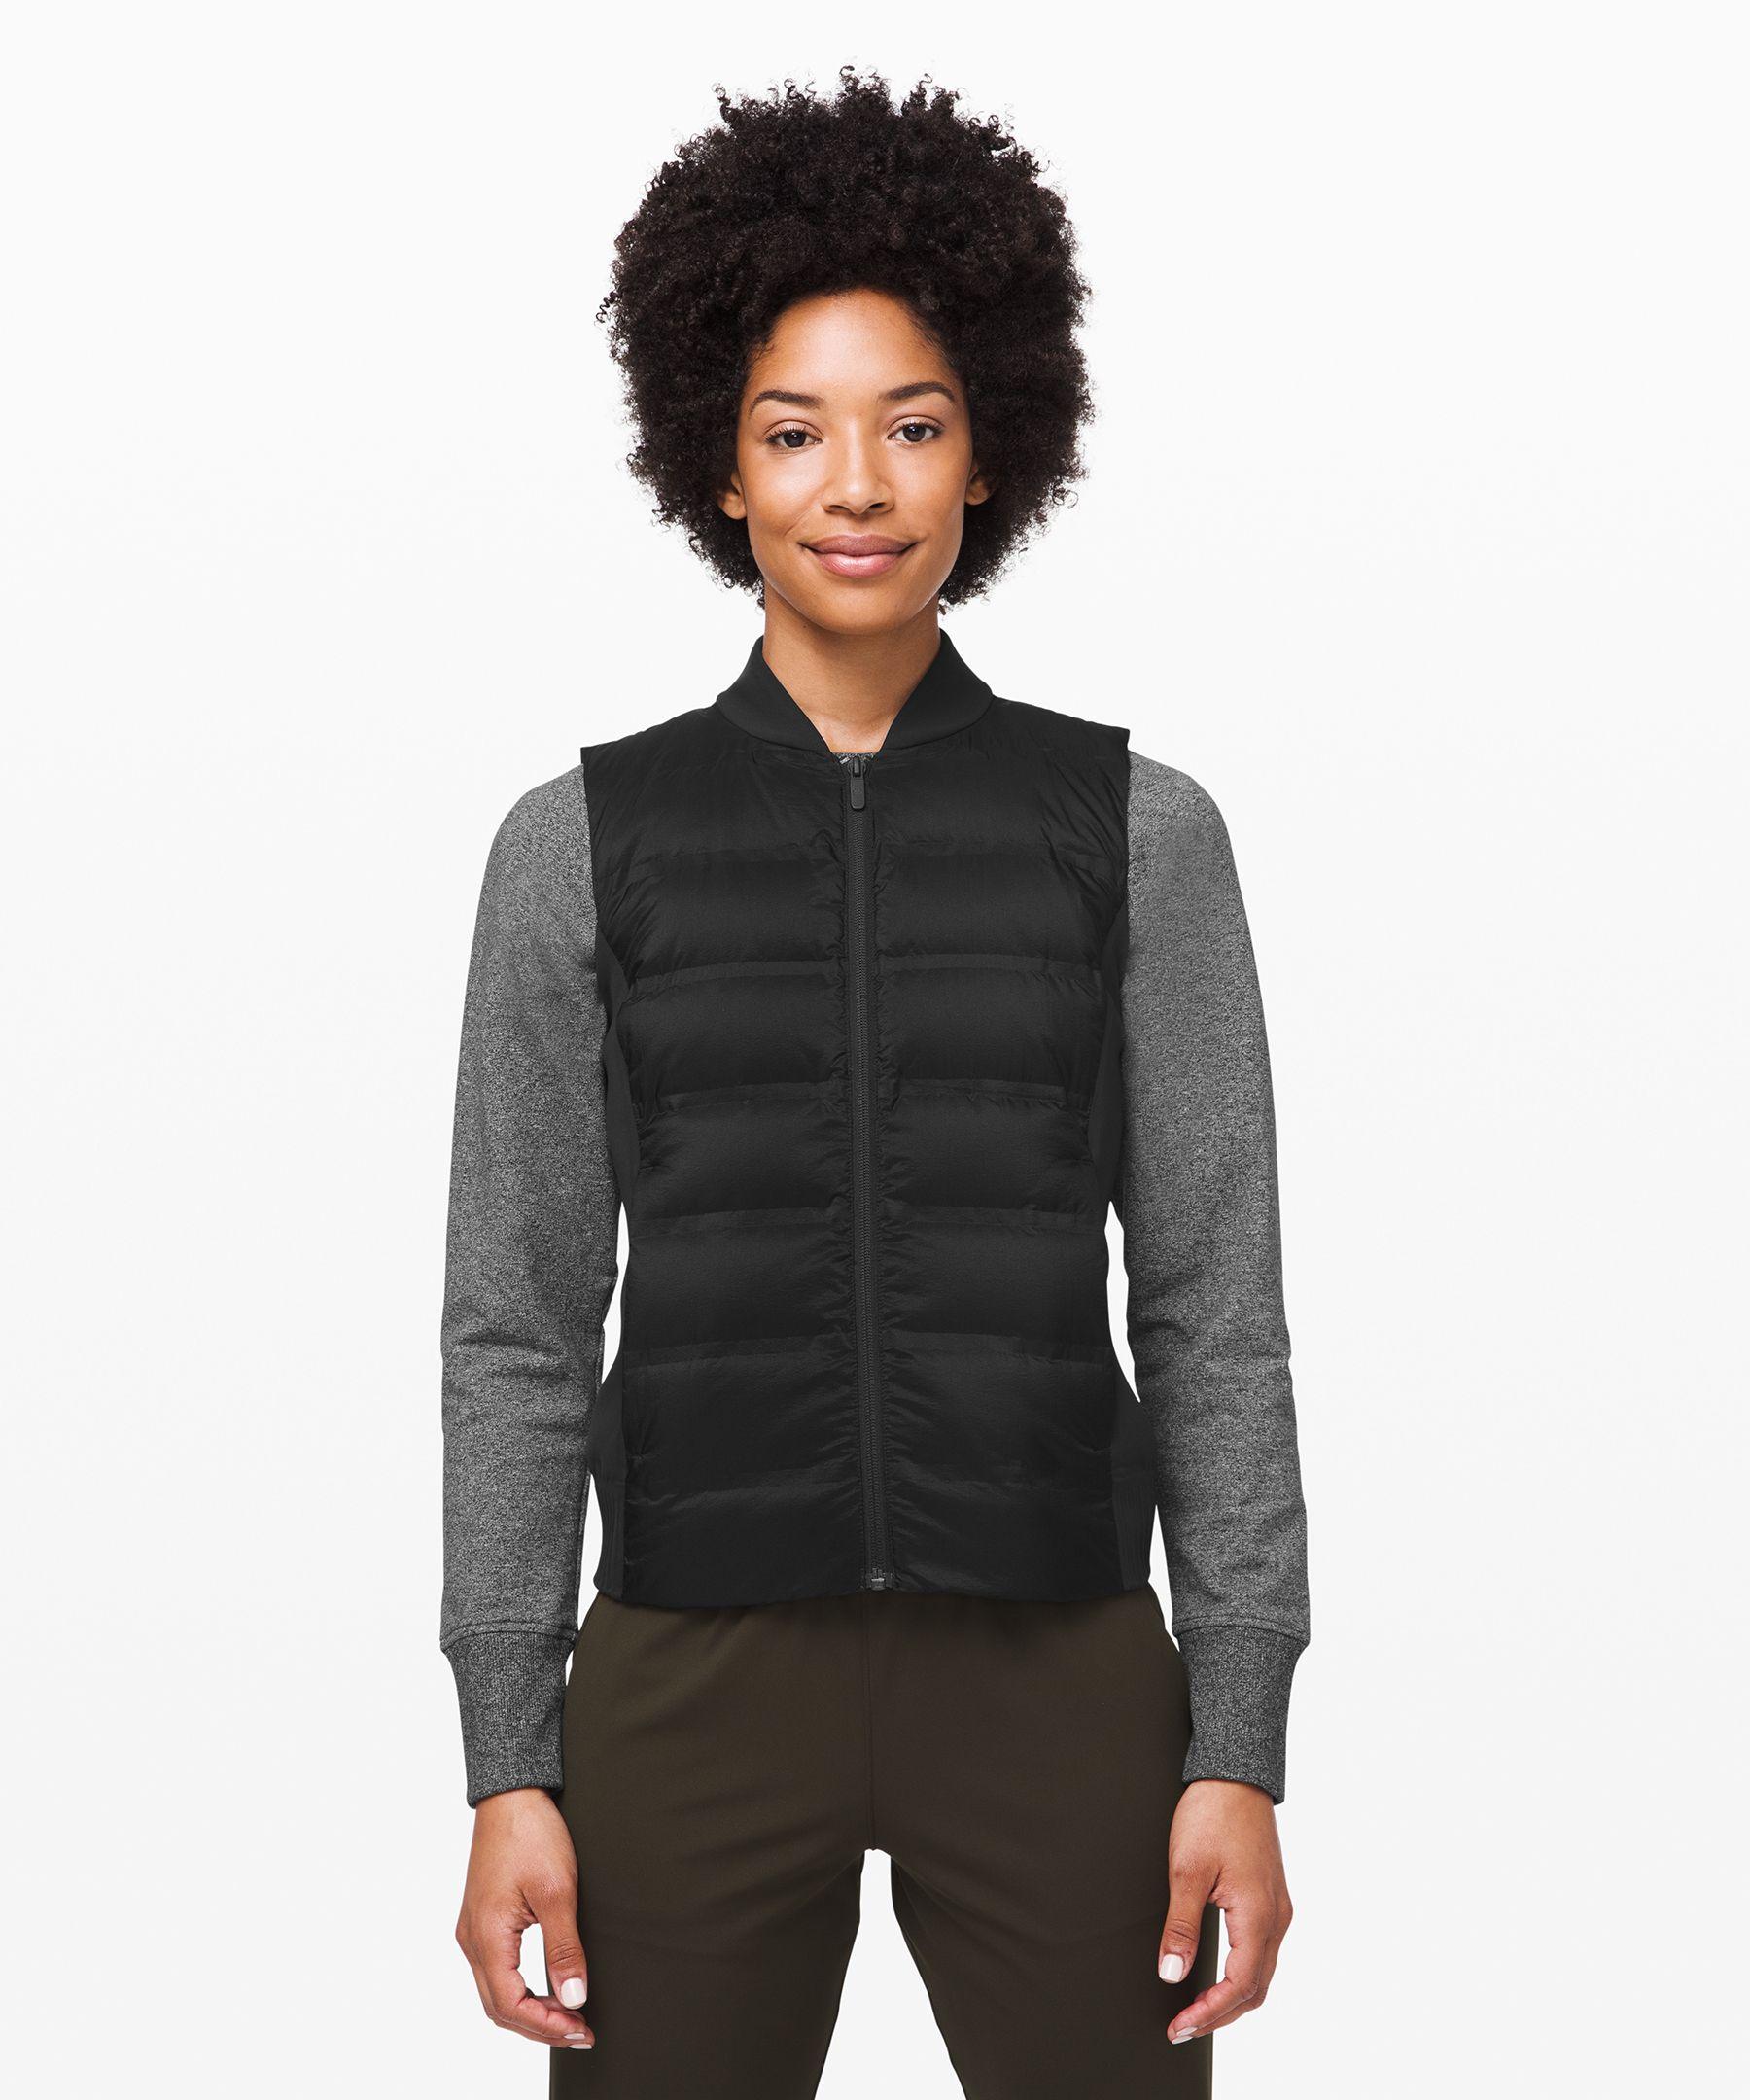 Women's Hoodies   Vests | lululemon athletica'